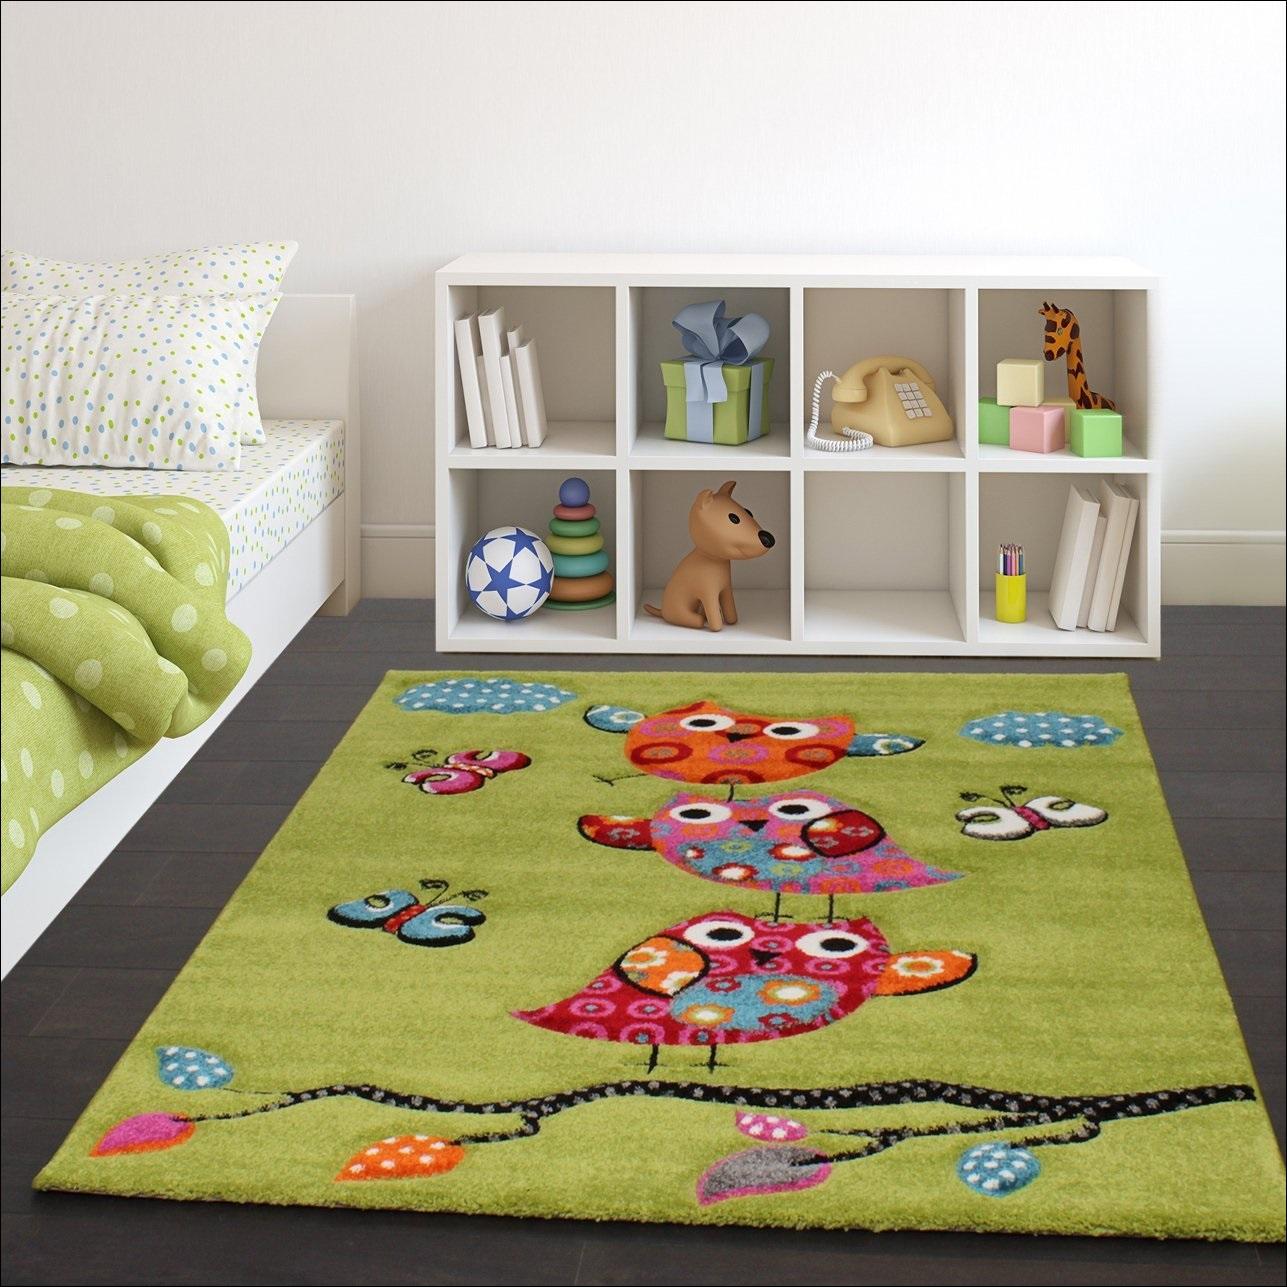 Full Size of Kinderzimmer Teppich Test Testsieger Preisvergleich Regal Weiß Regale Sofa Wohnzimmer Teppiche Kinderzimmer Teppiche Kinderzimmer